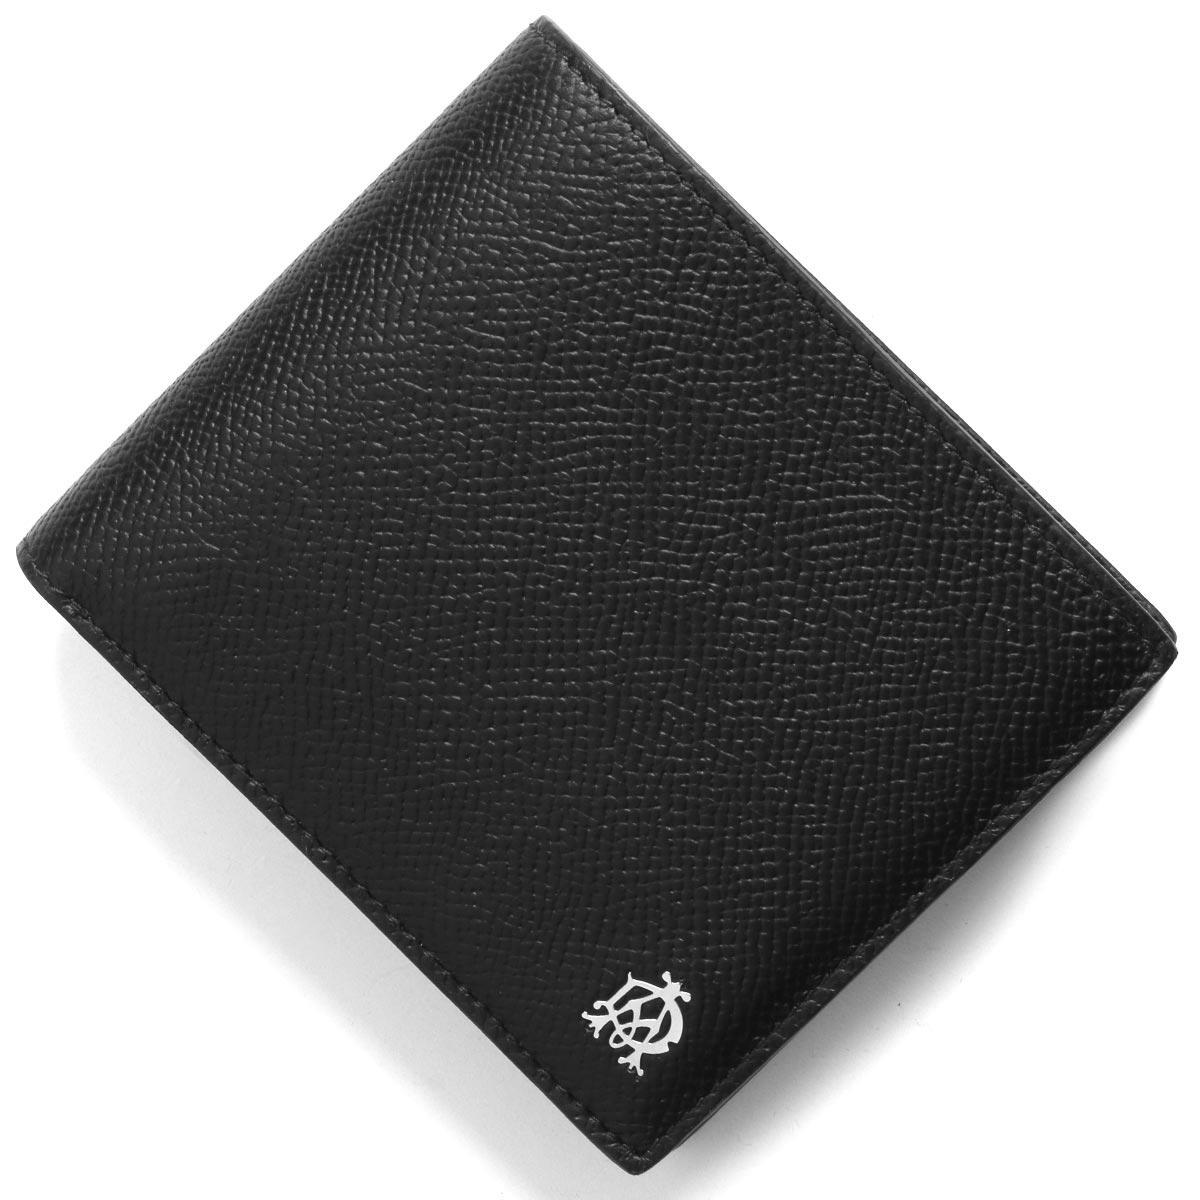 ダンヒル 二つ折り財布 財布 メンズ ブラック DU19F2C32CA 001 DUNHILL